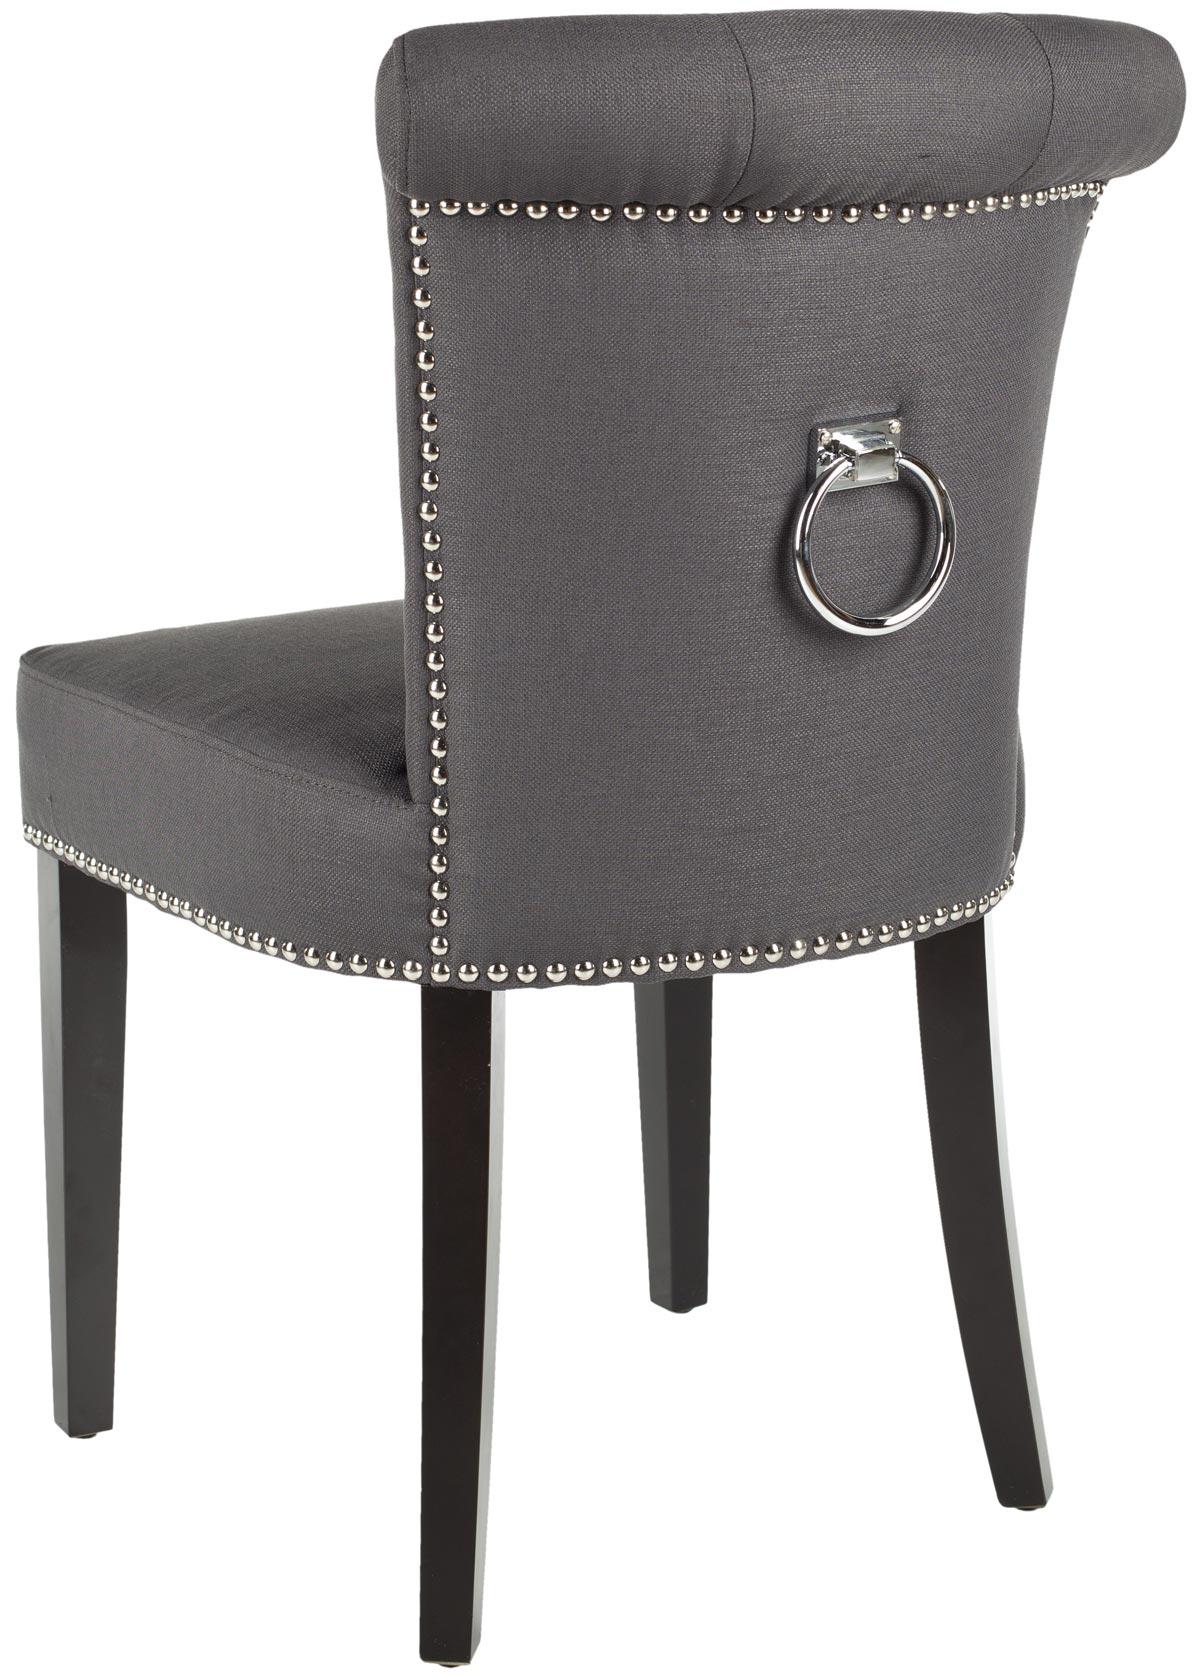 safavieh mcr4705a sinclair ring chair set of 2 711 00